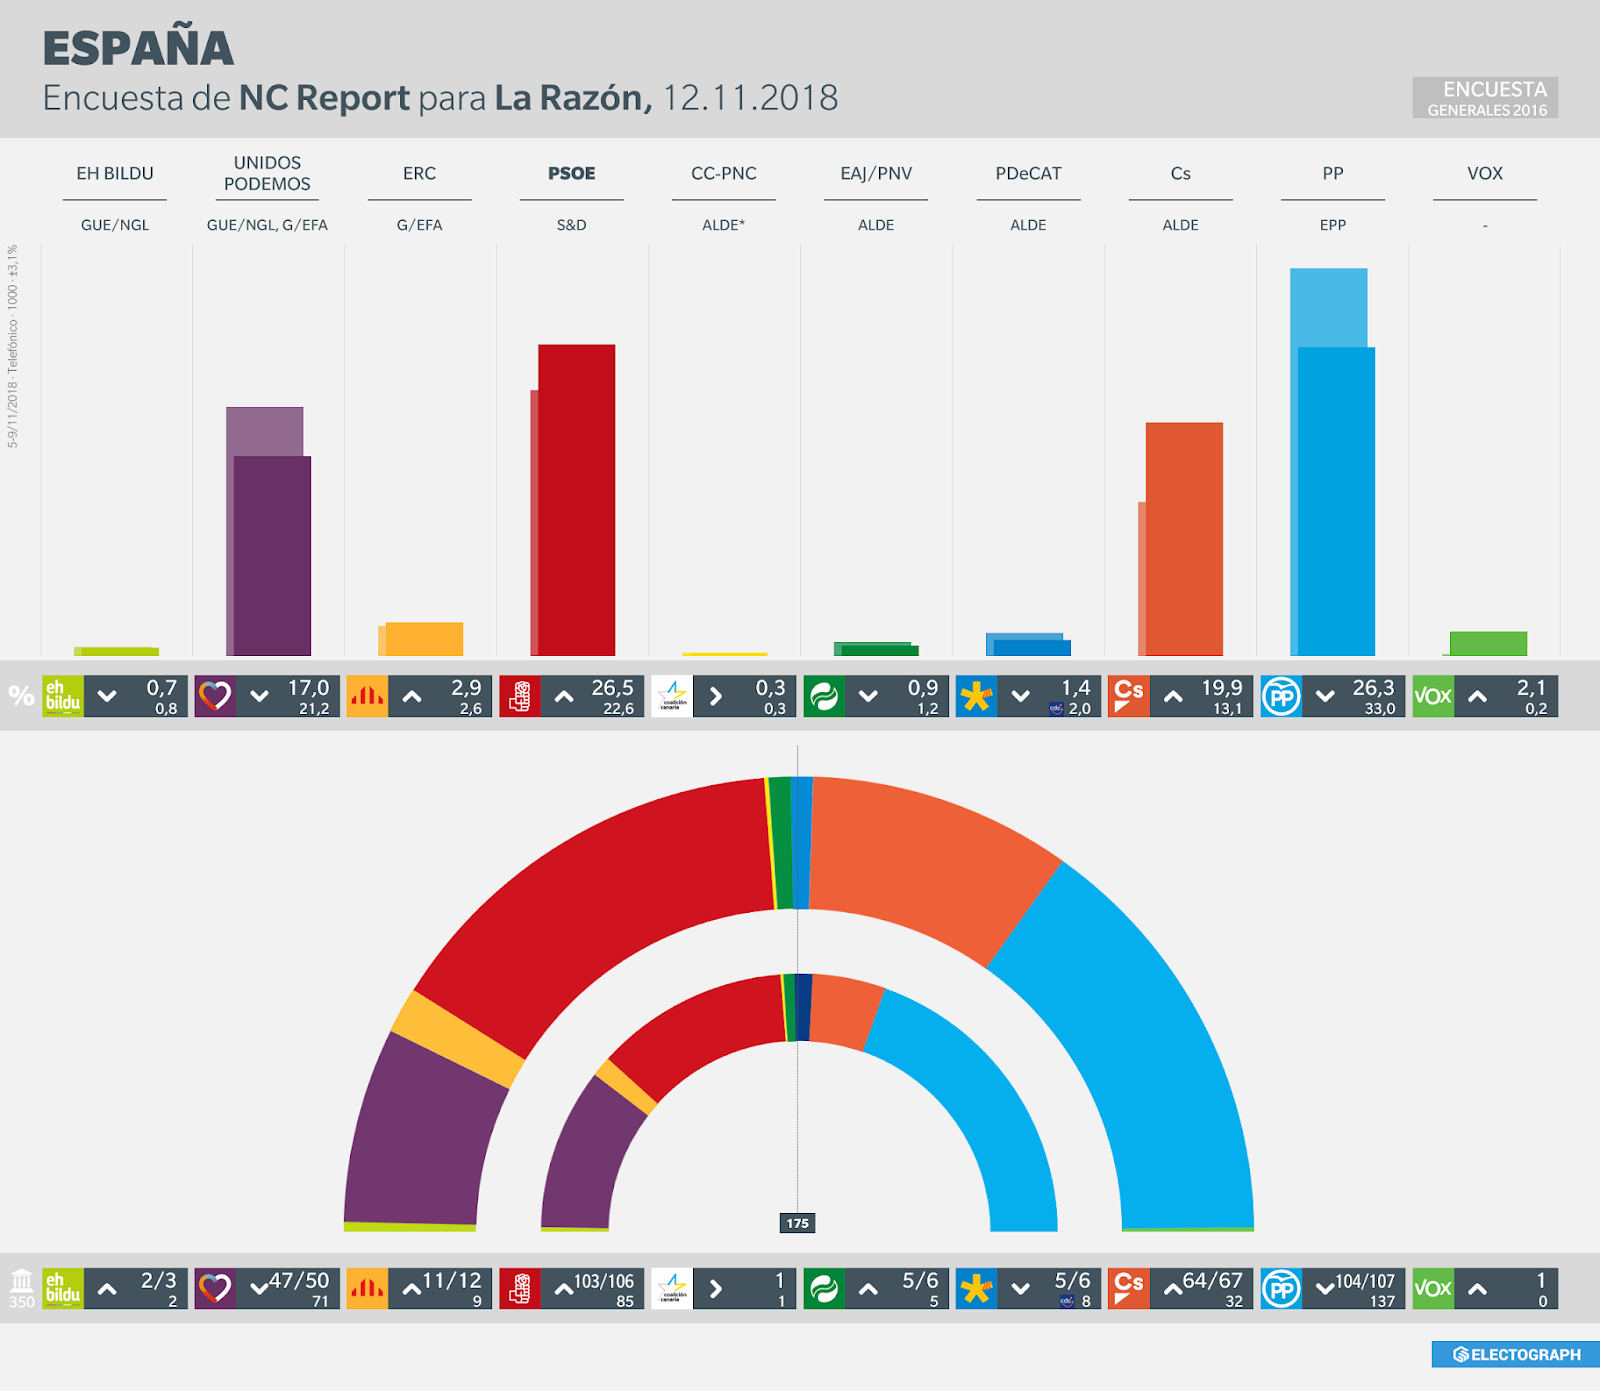 Gráfico de la encuesta para elecciones generales en España realizada por NC Report para La Razón en noviembre de 2018